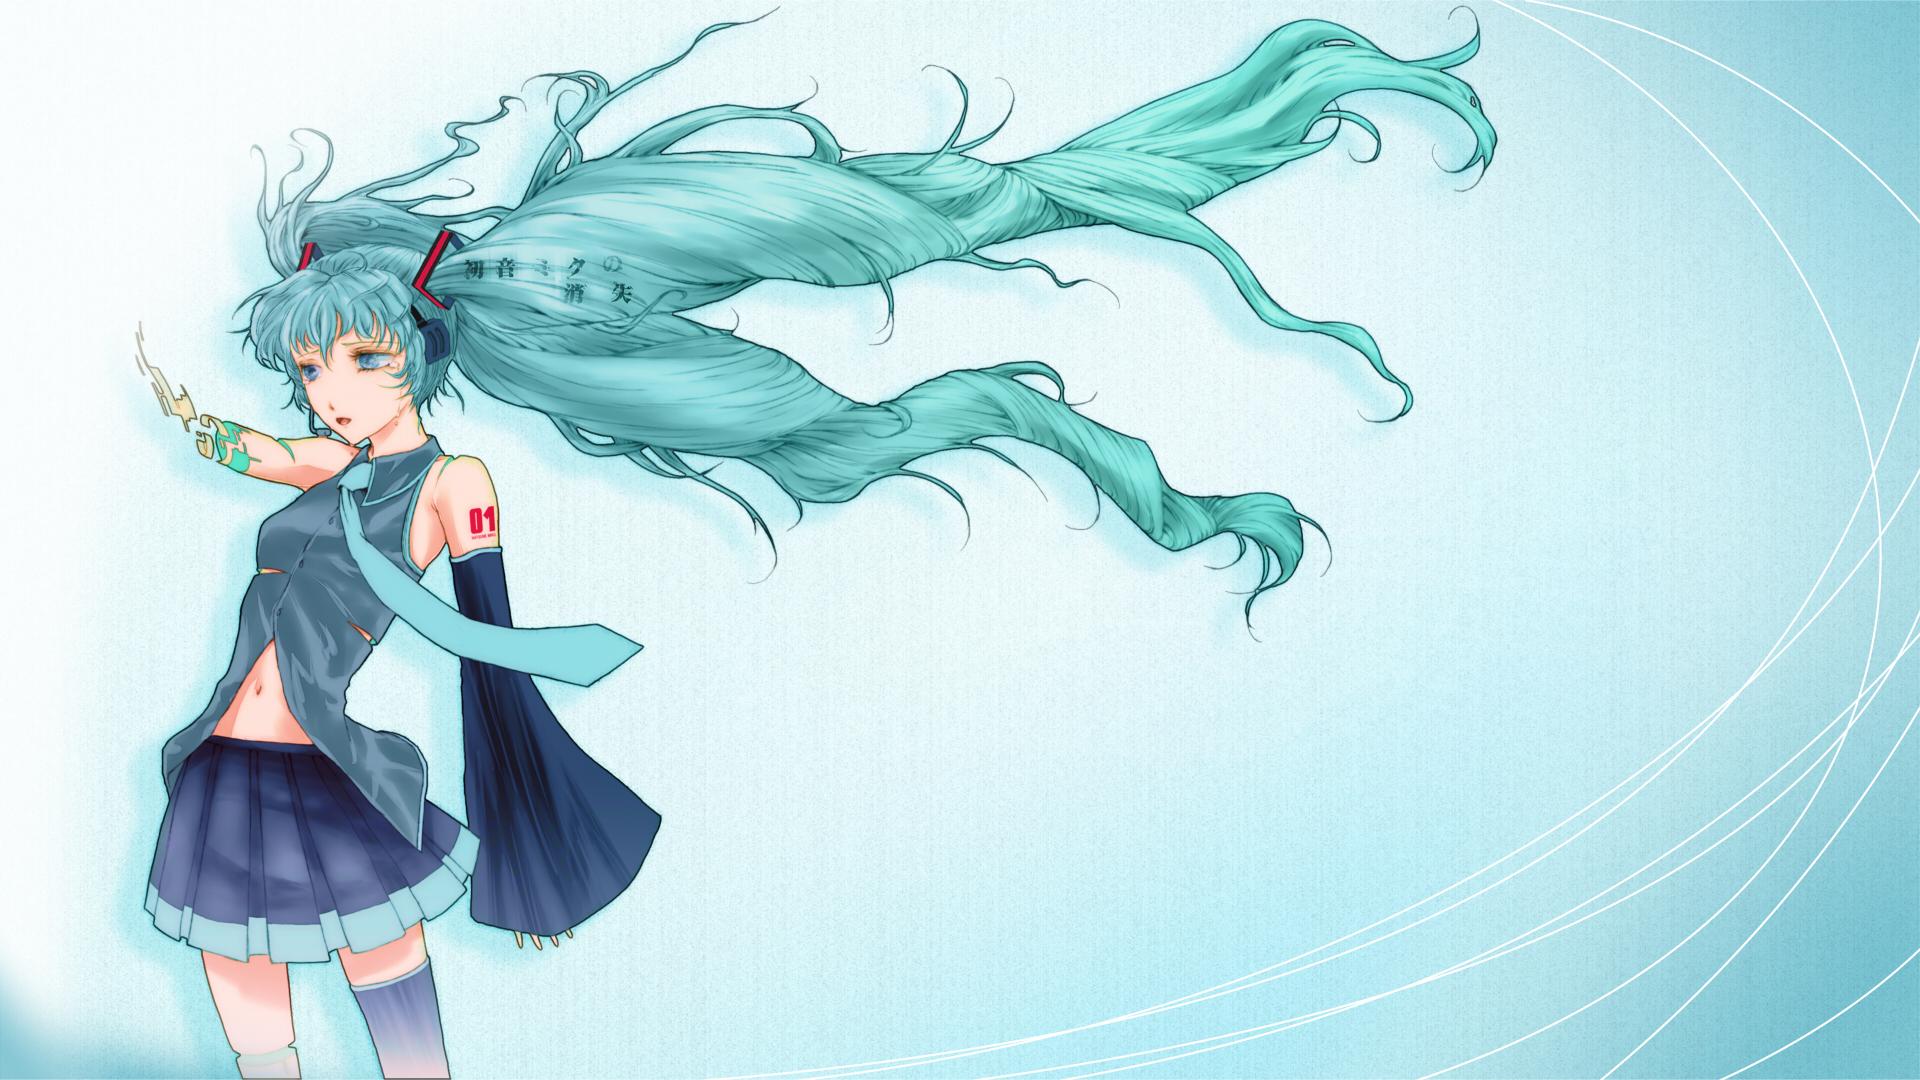 aqua_eyes aqua_hair choco_an hatsune_miku headphones thighhighs tie twintails vocaloid